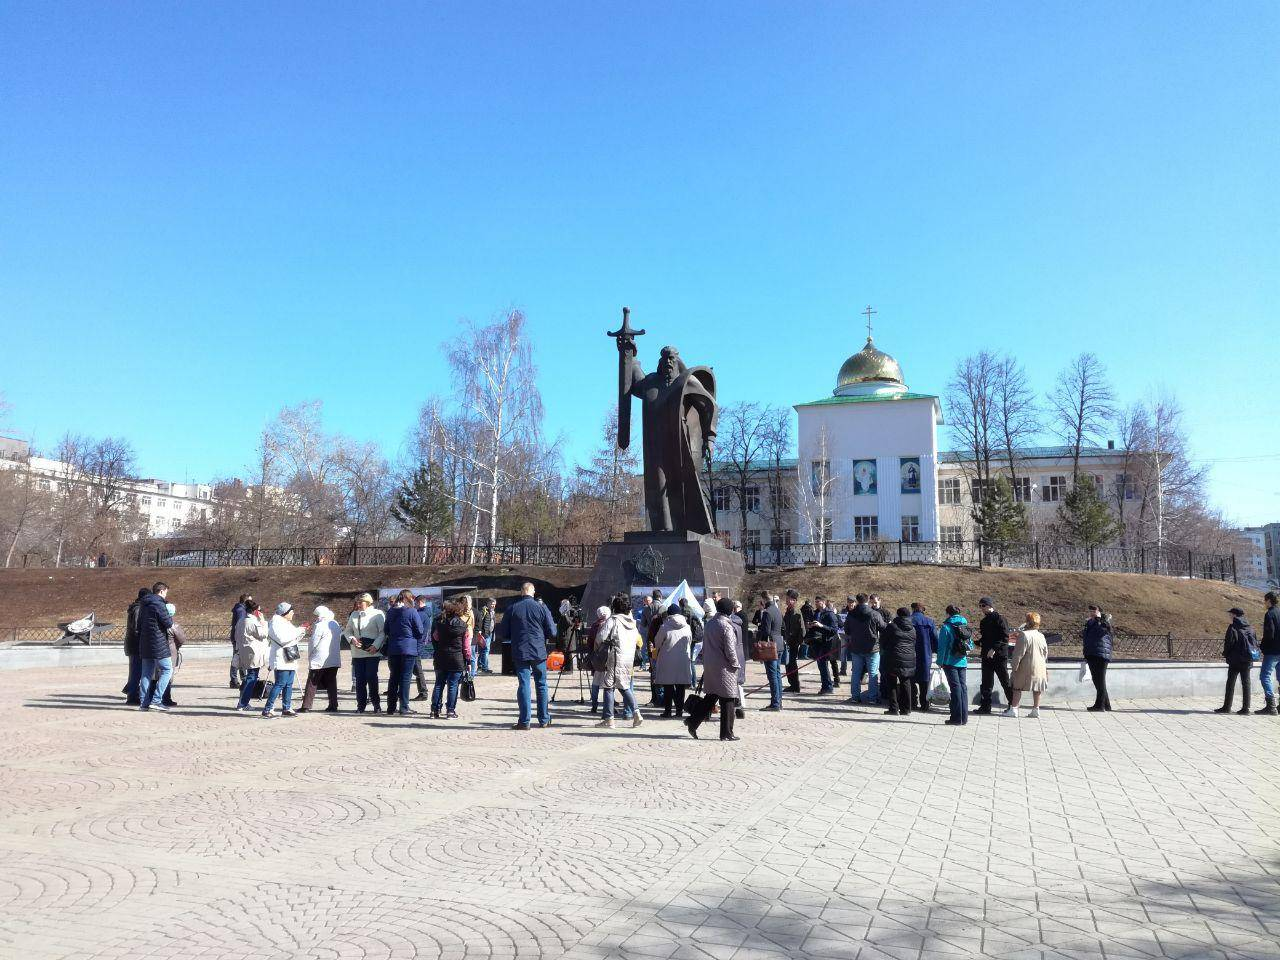 Митинг против мусорной реформы в Екатеринбурге, 7.04.2019